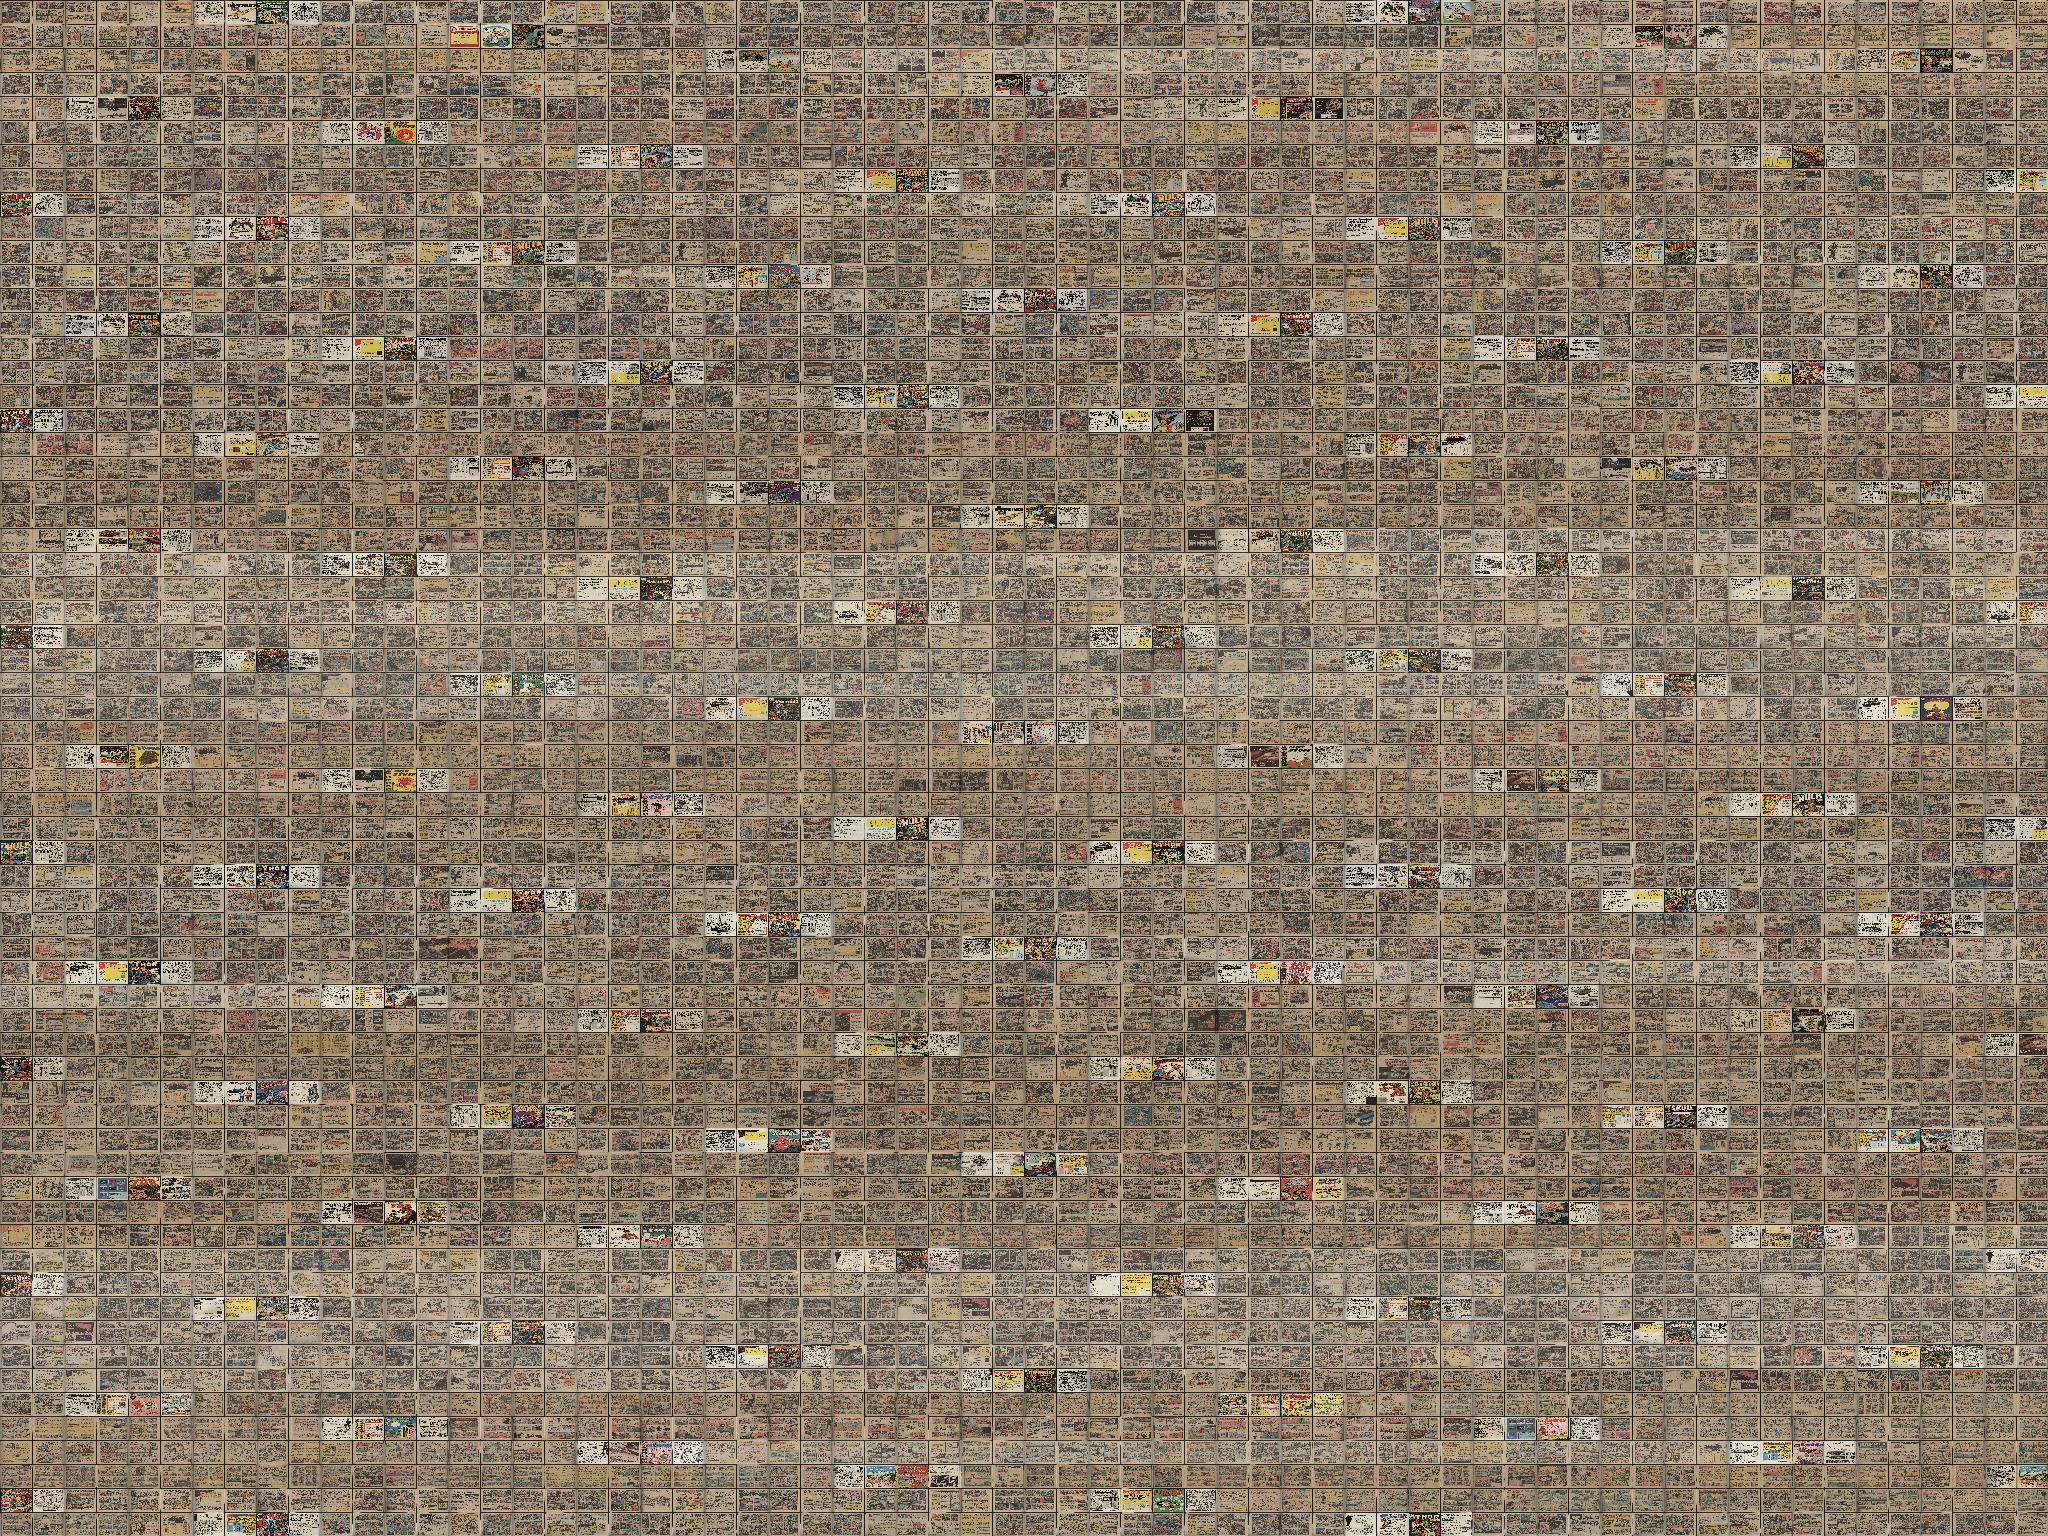 deviantart wallpaper 2048 x 1536 - photo #5